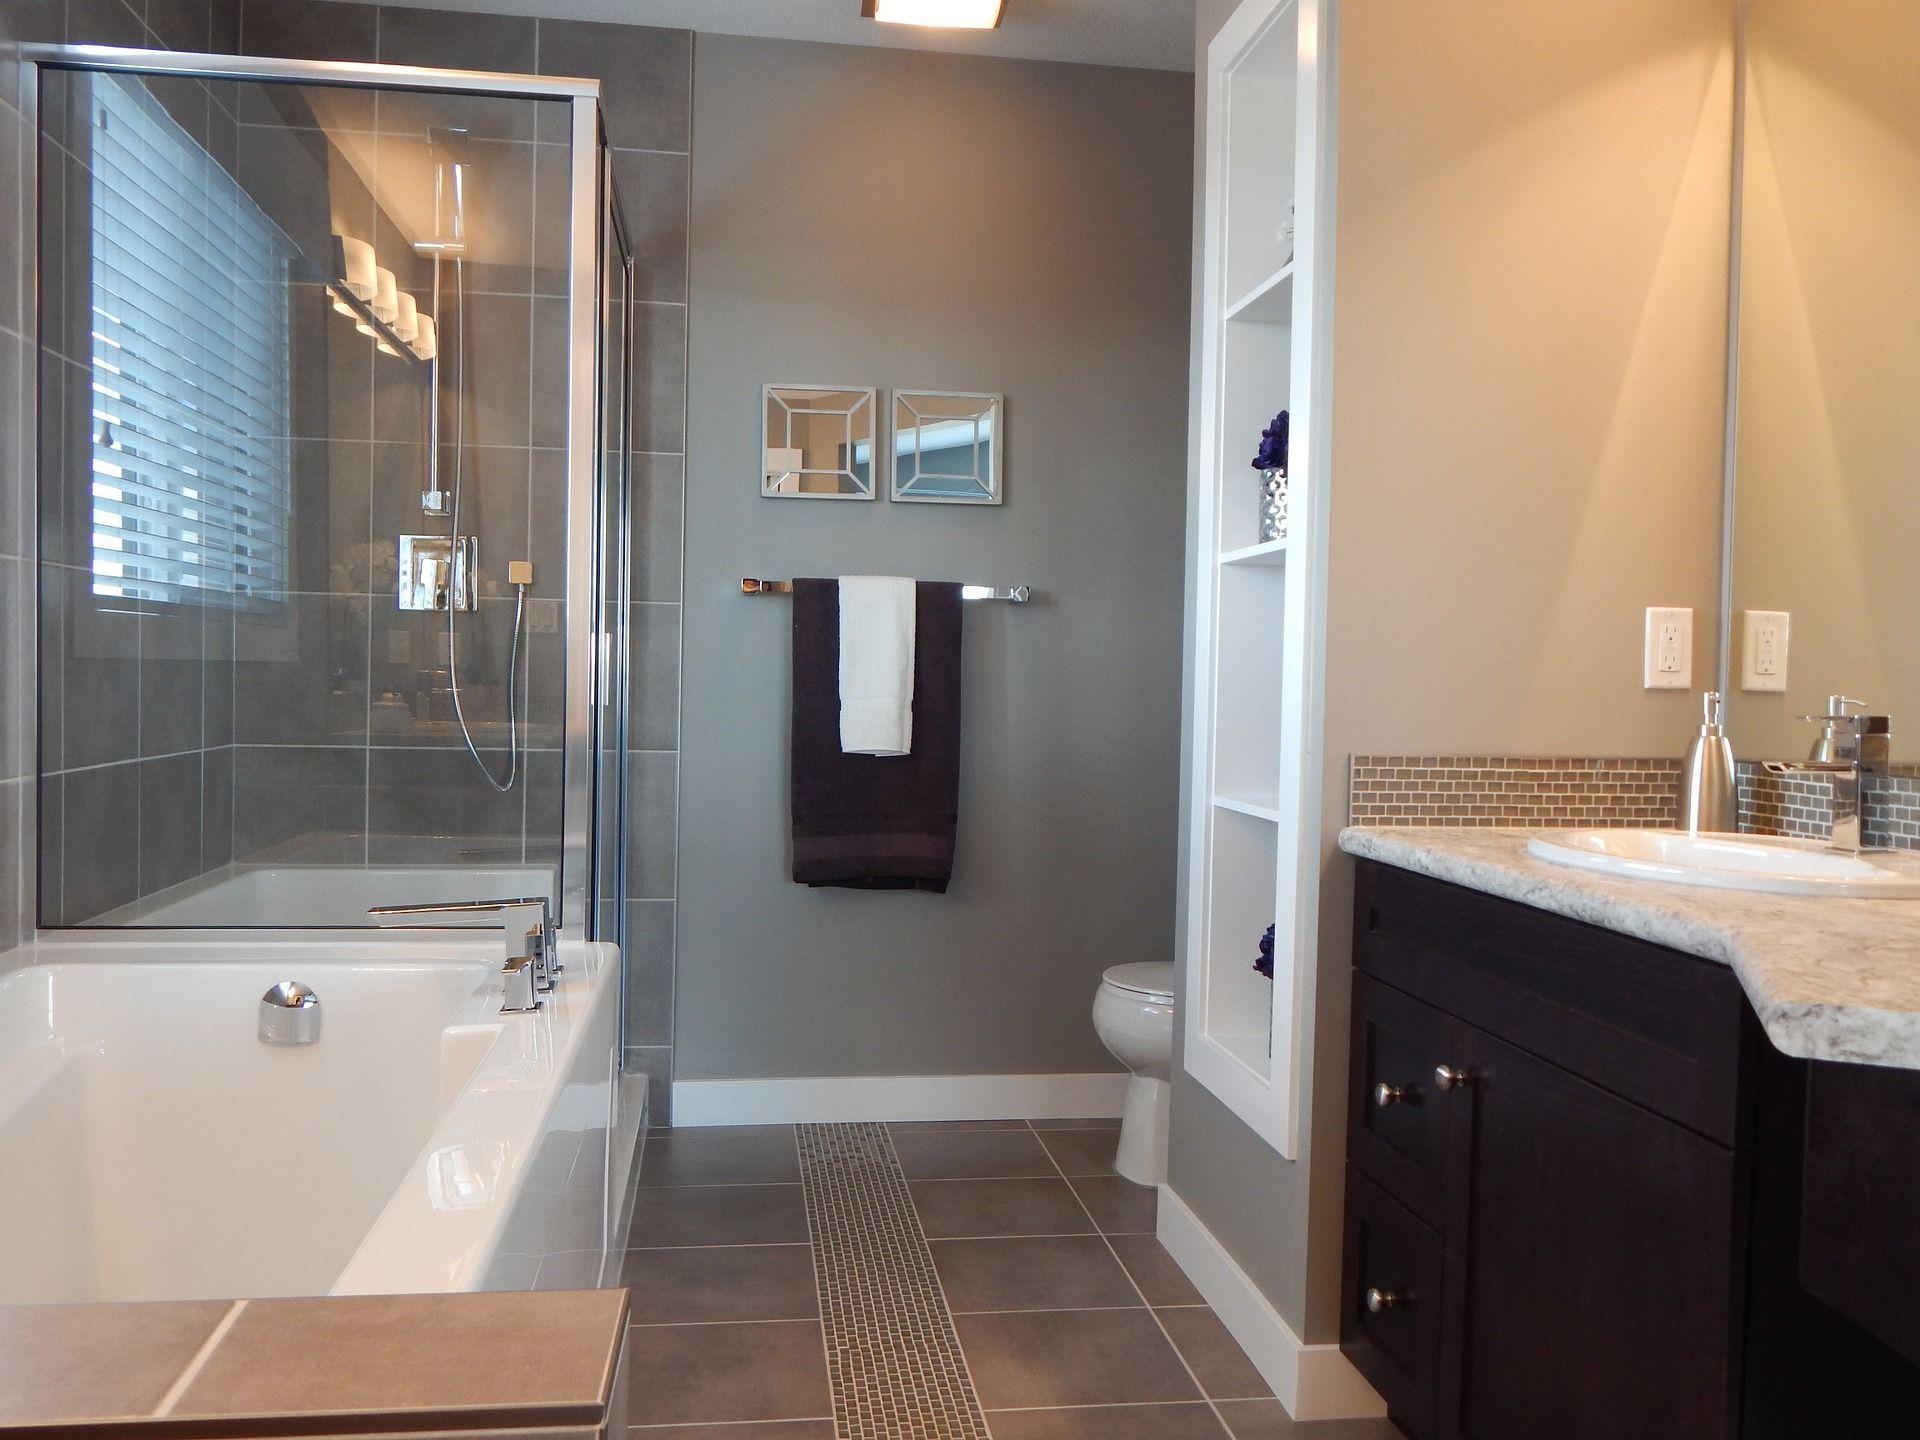 Quieres reformar tu cuarto de baño? Reformamos tu baño con las ...